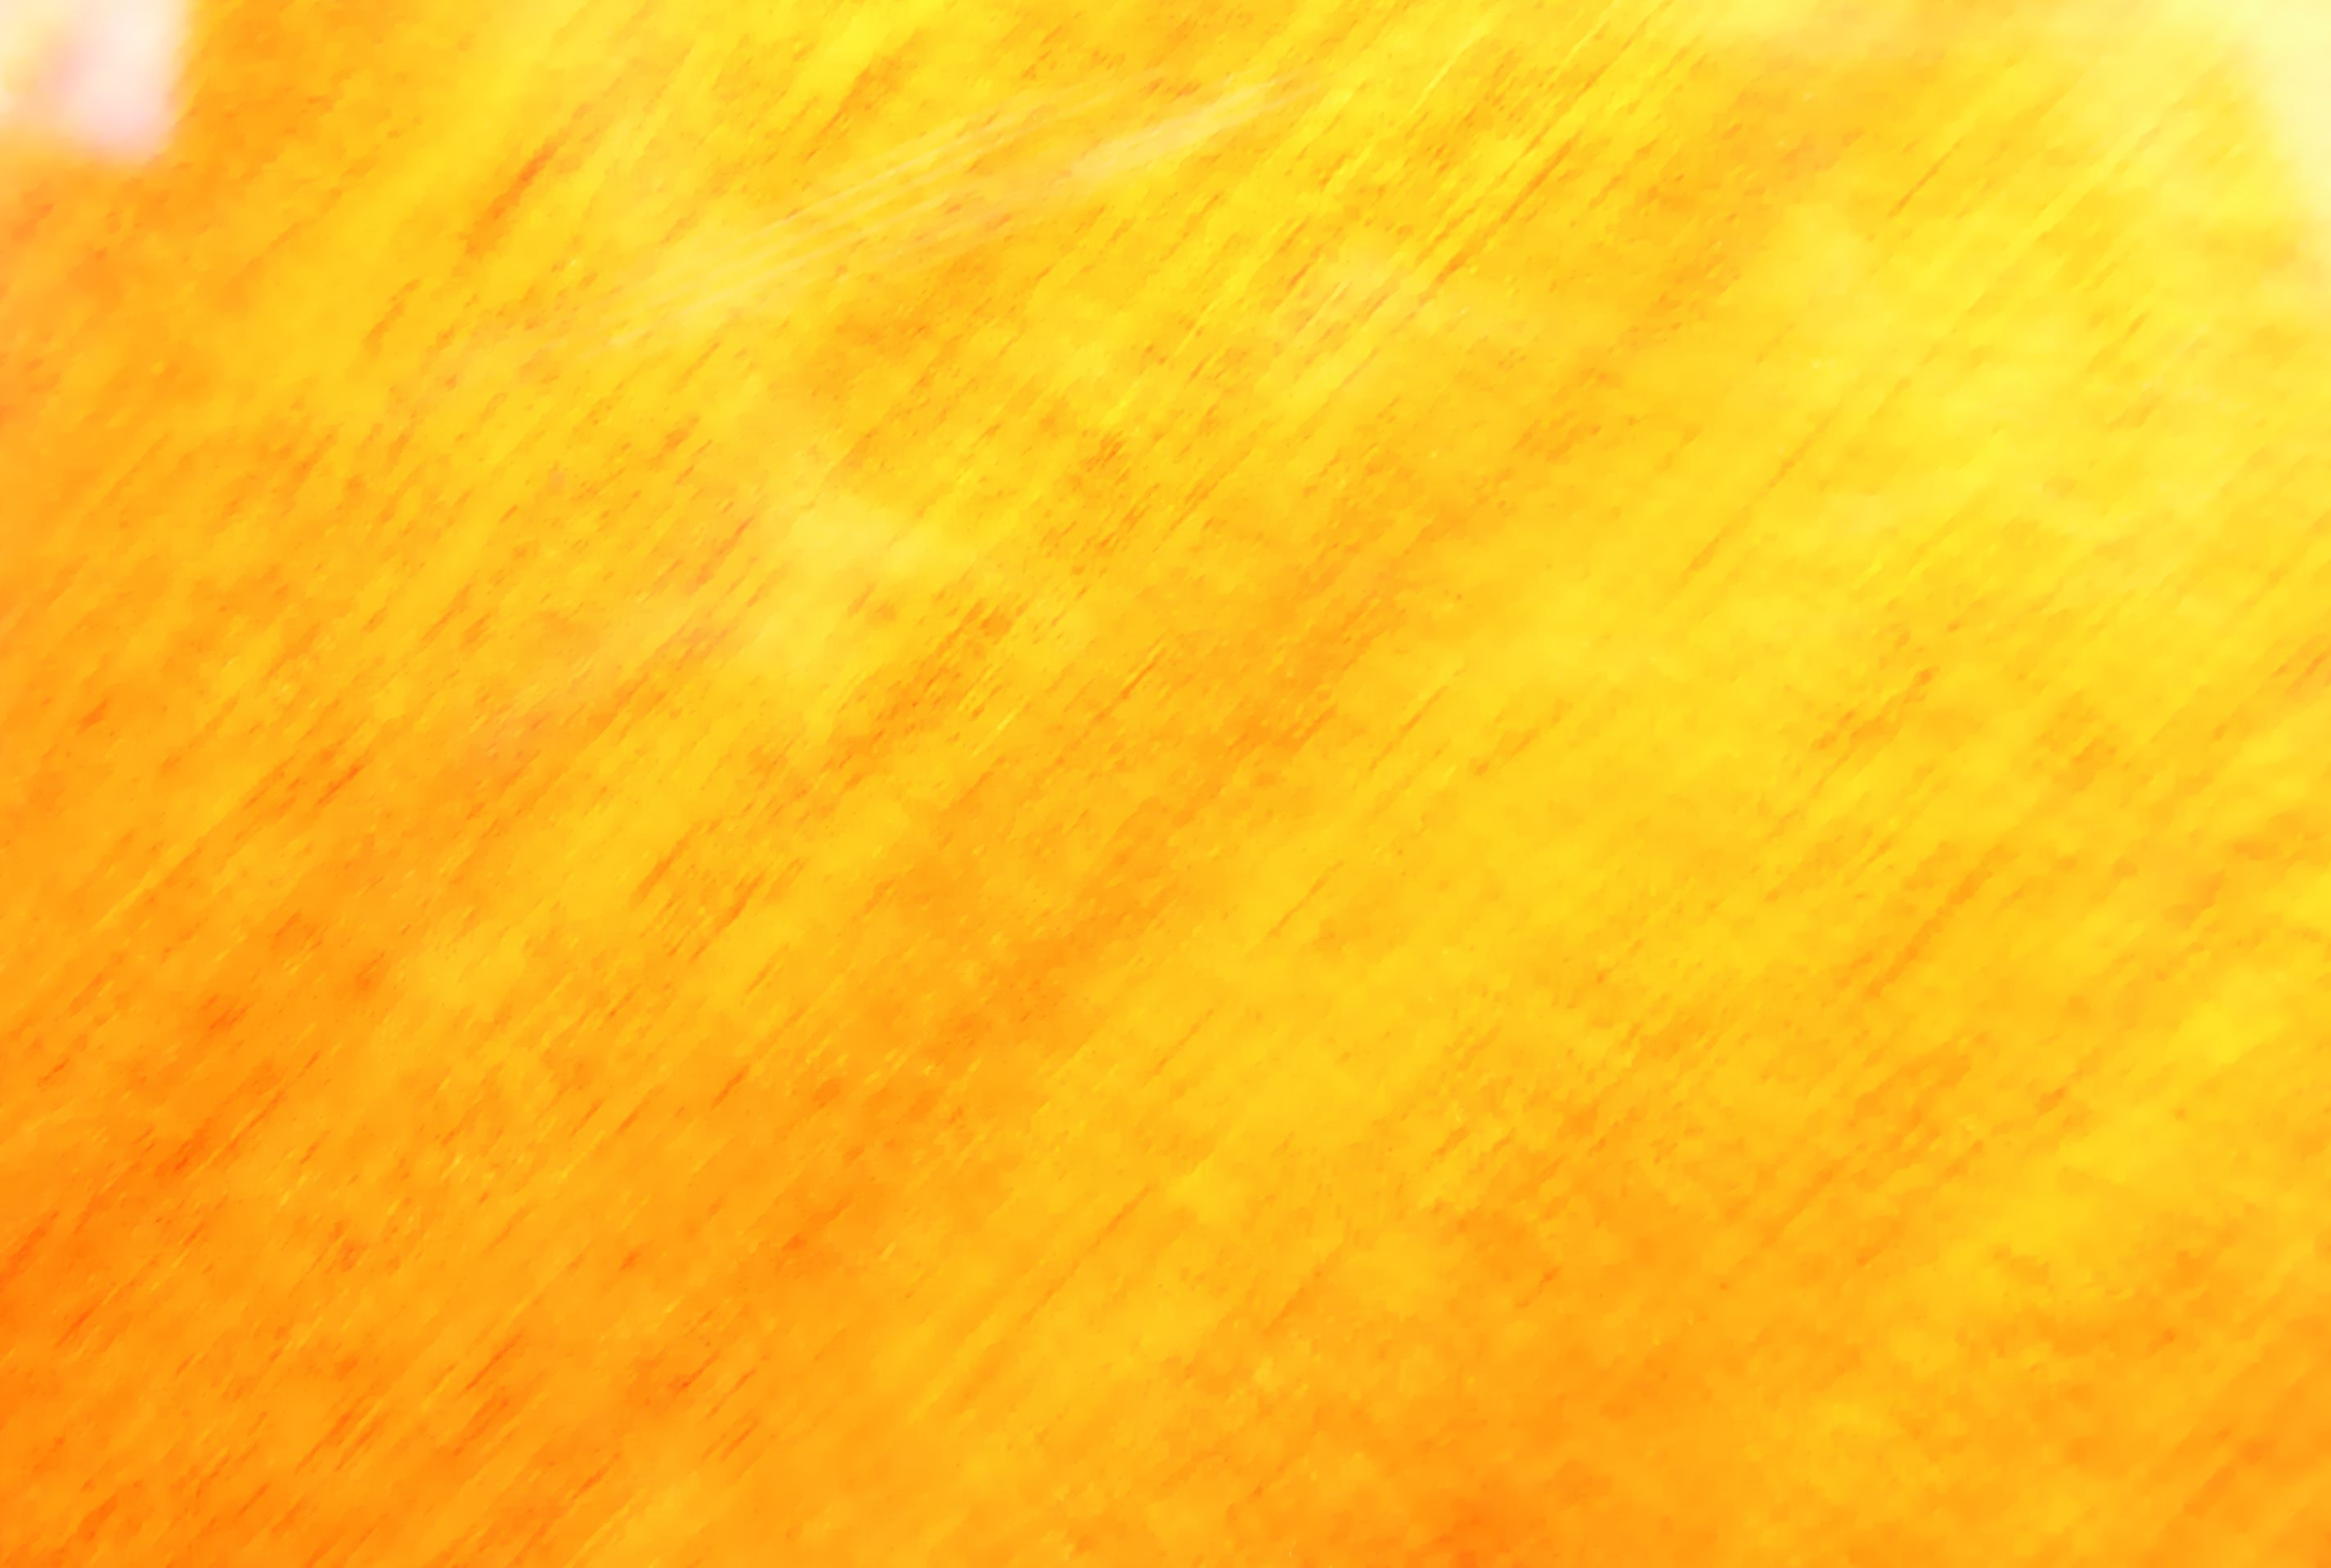 Orange and Yellow Wallpaper - WallpaperSafari